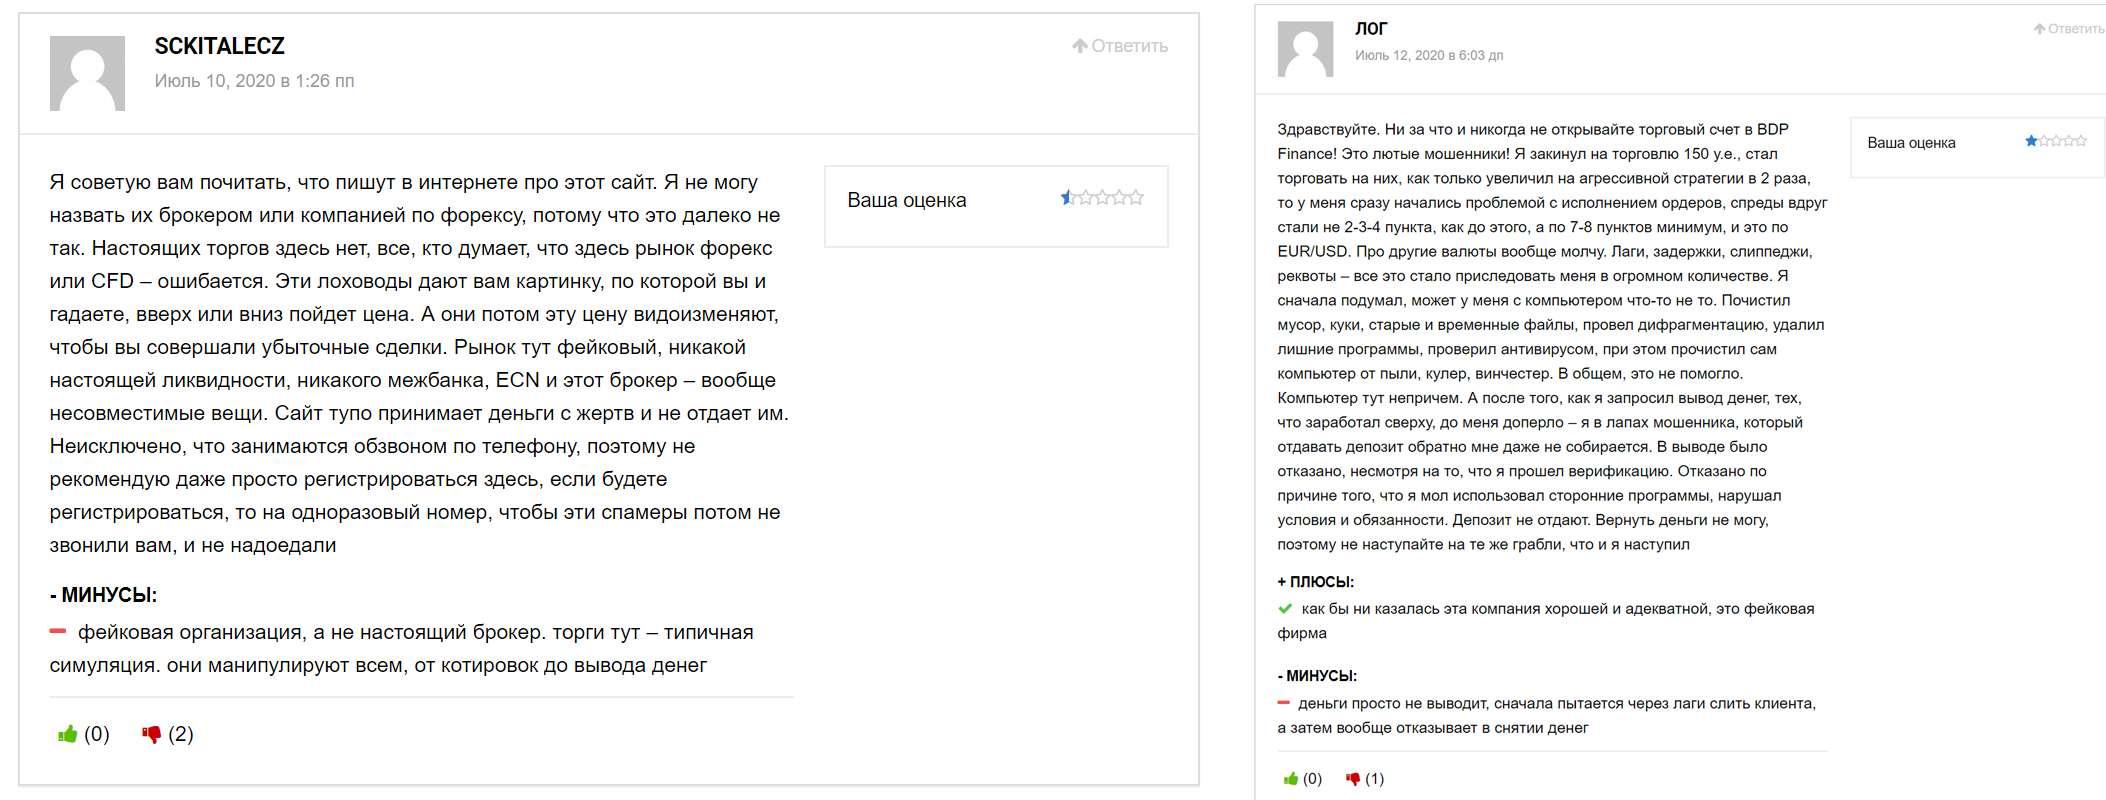 Азиатский псевдоброкер BDP Finance. Отзывы и мнение о сотрудничестве.